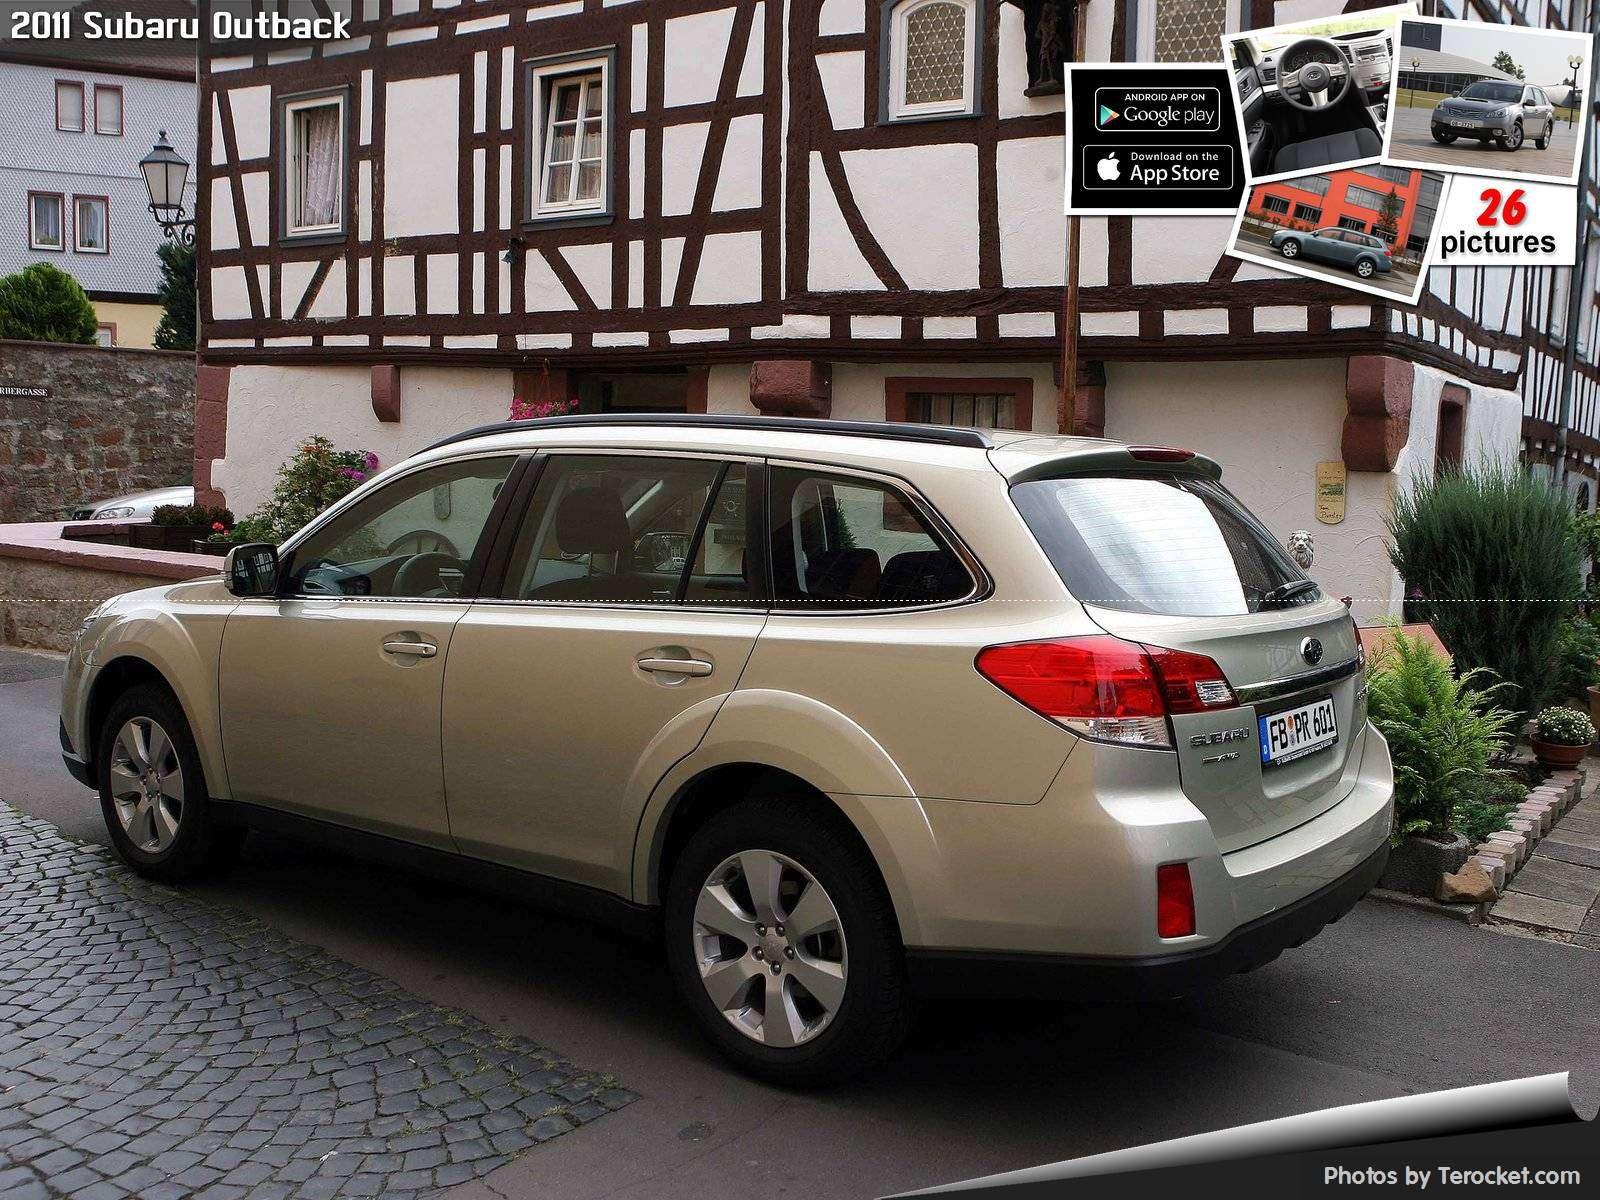 Hình ảnh xe ô tô Subaru Outback 2011 & nội ngoại thất